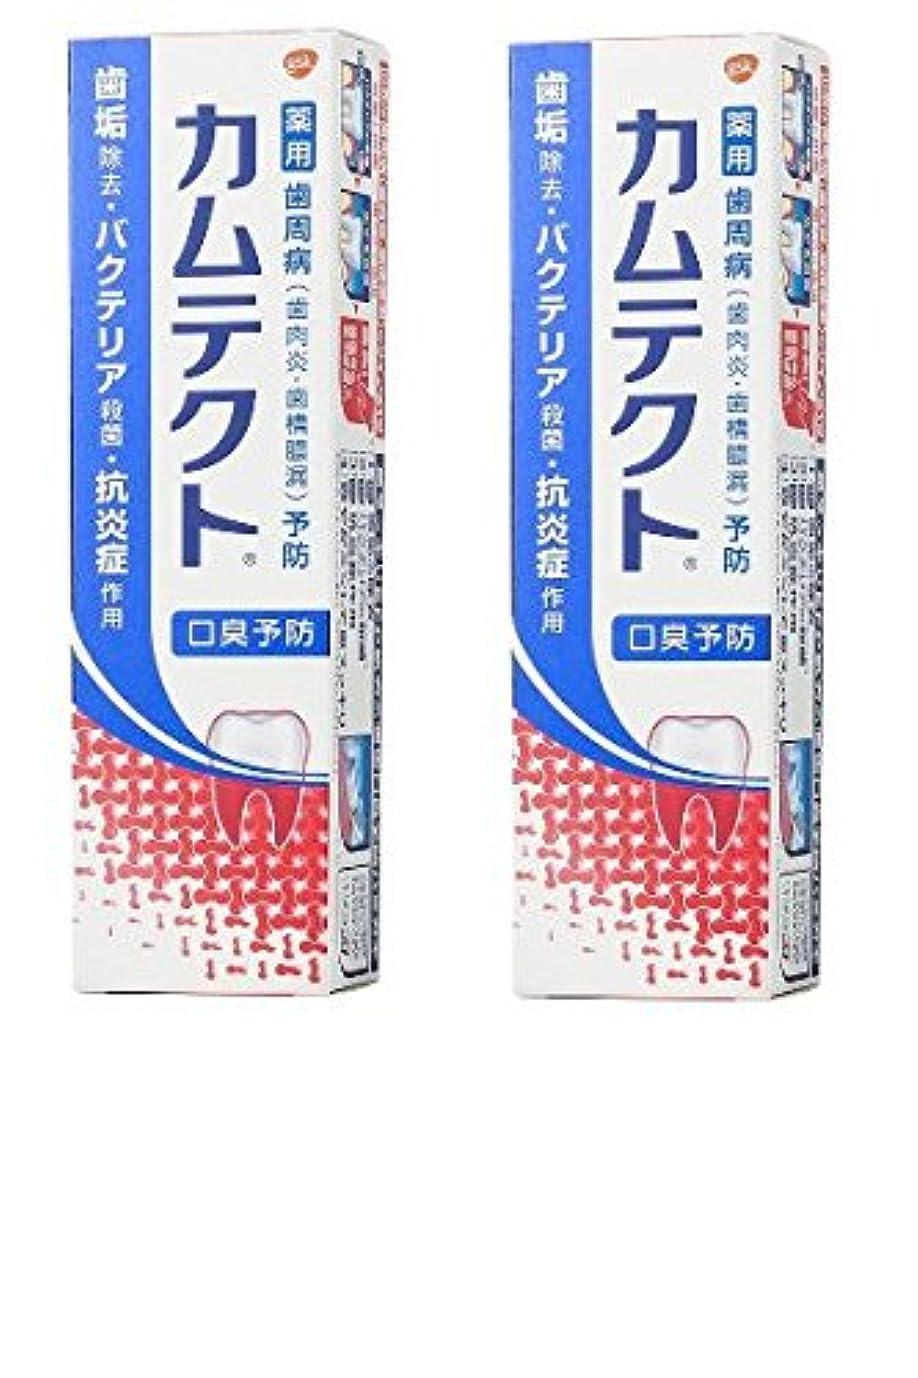 アラブ未接続プロペラ【まとめ買い】カムテクト 口臭予防 歯周病(歯肉炎?歯槽膿漏) 予防 歯みがき粉 105g × 2個